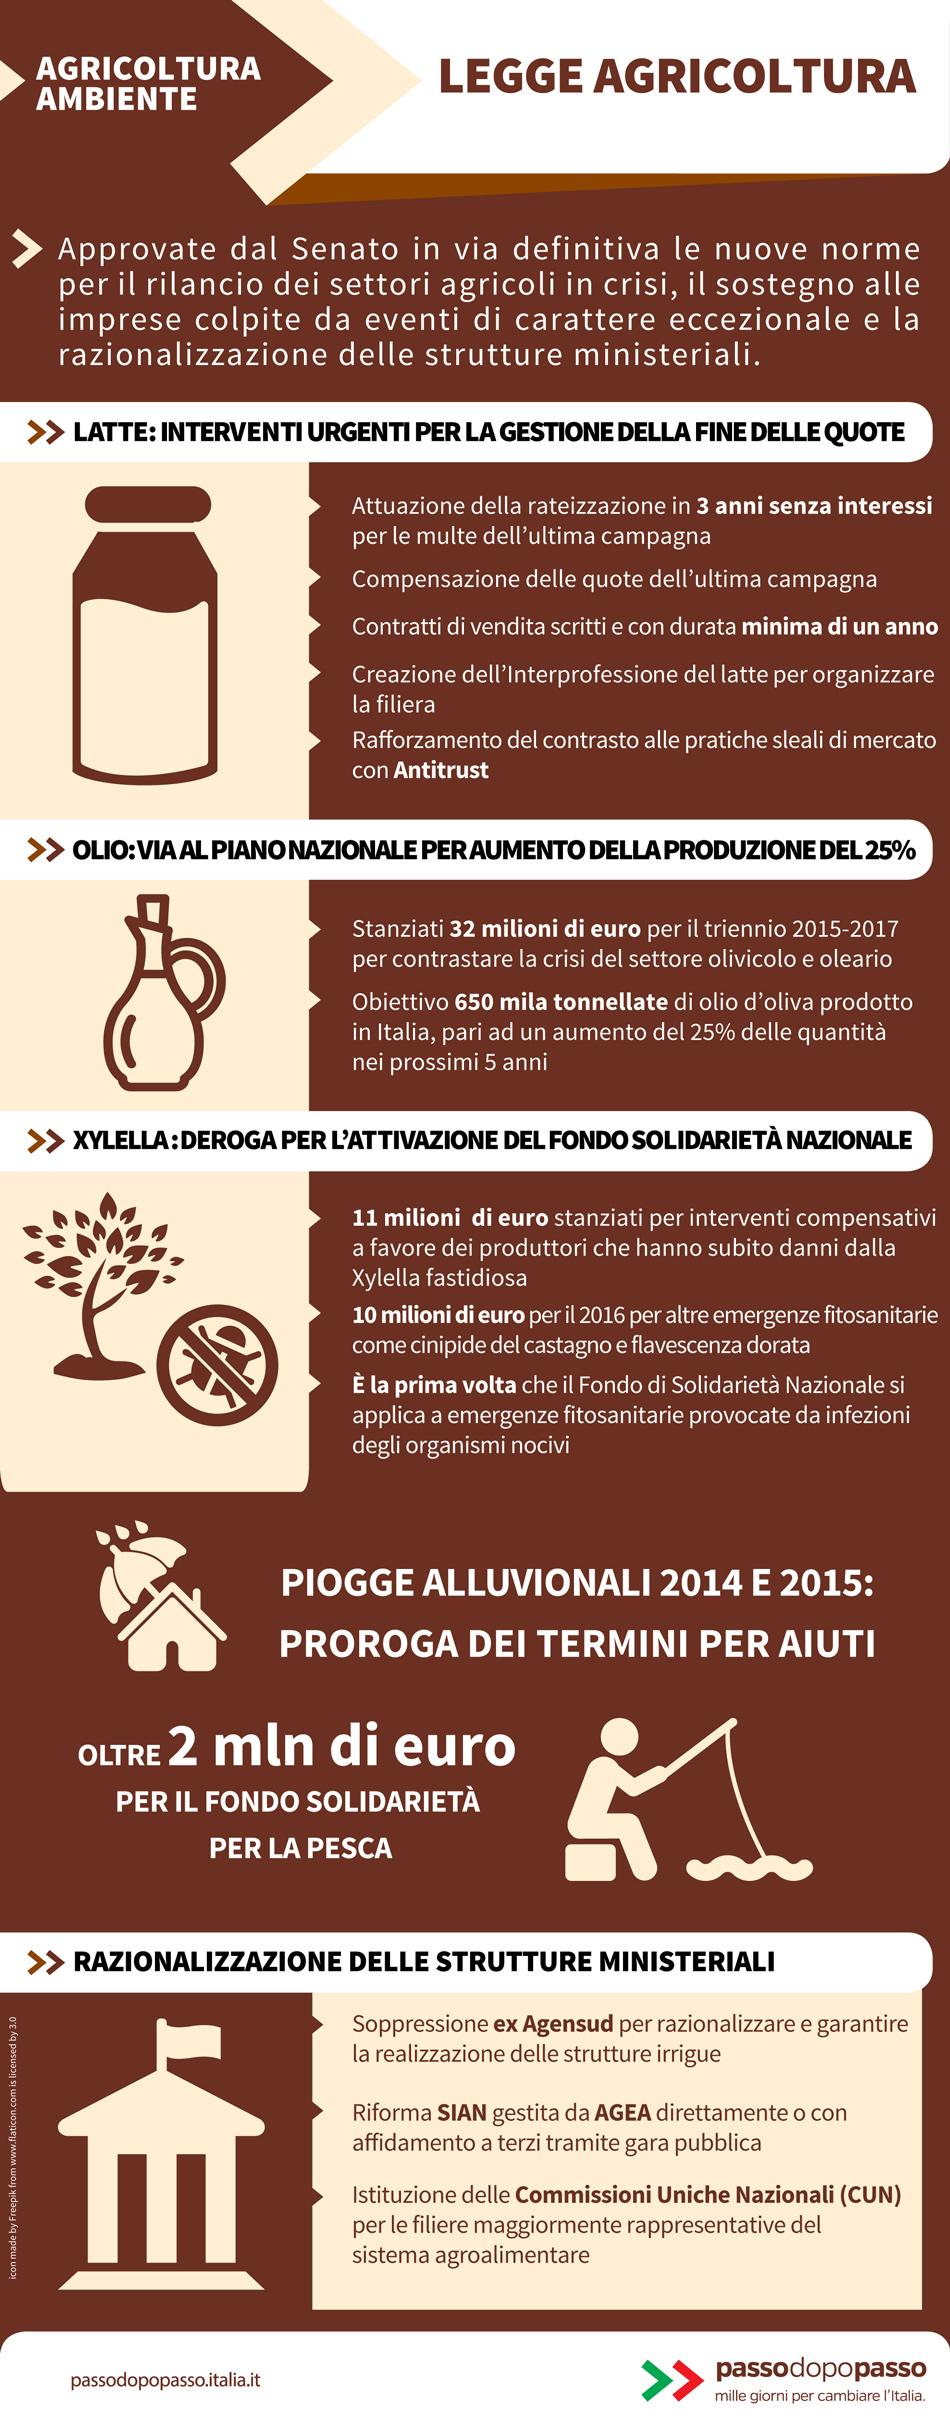 Infografica: Legge agricoltura